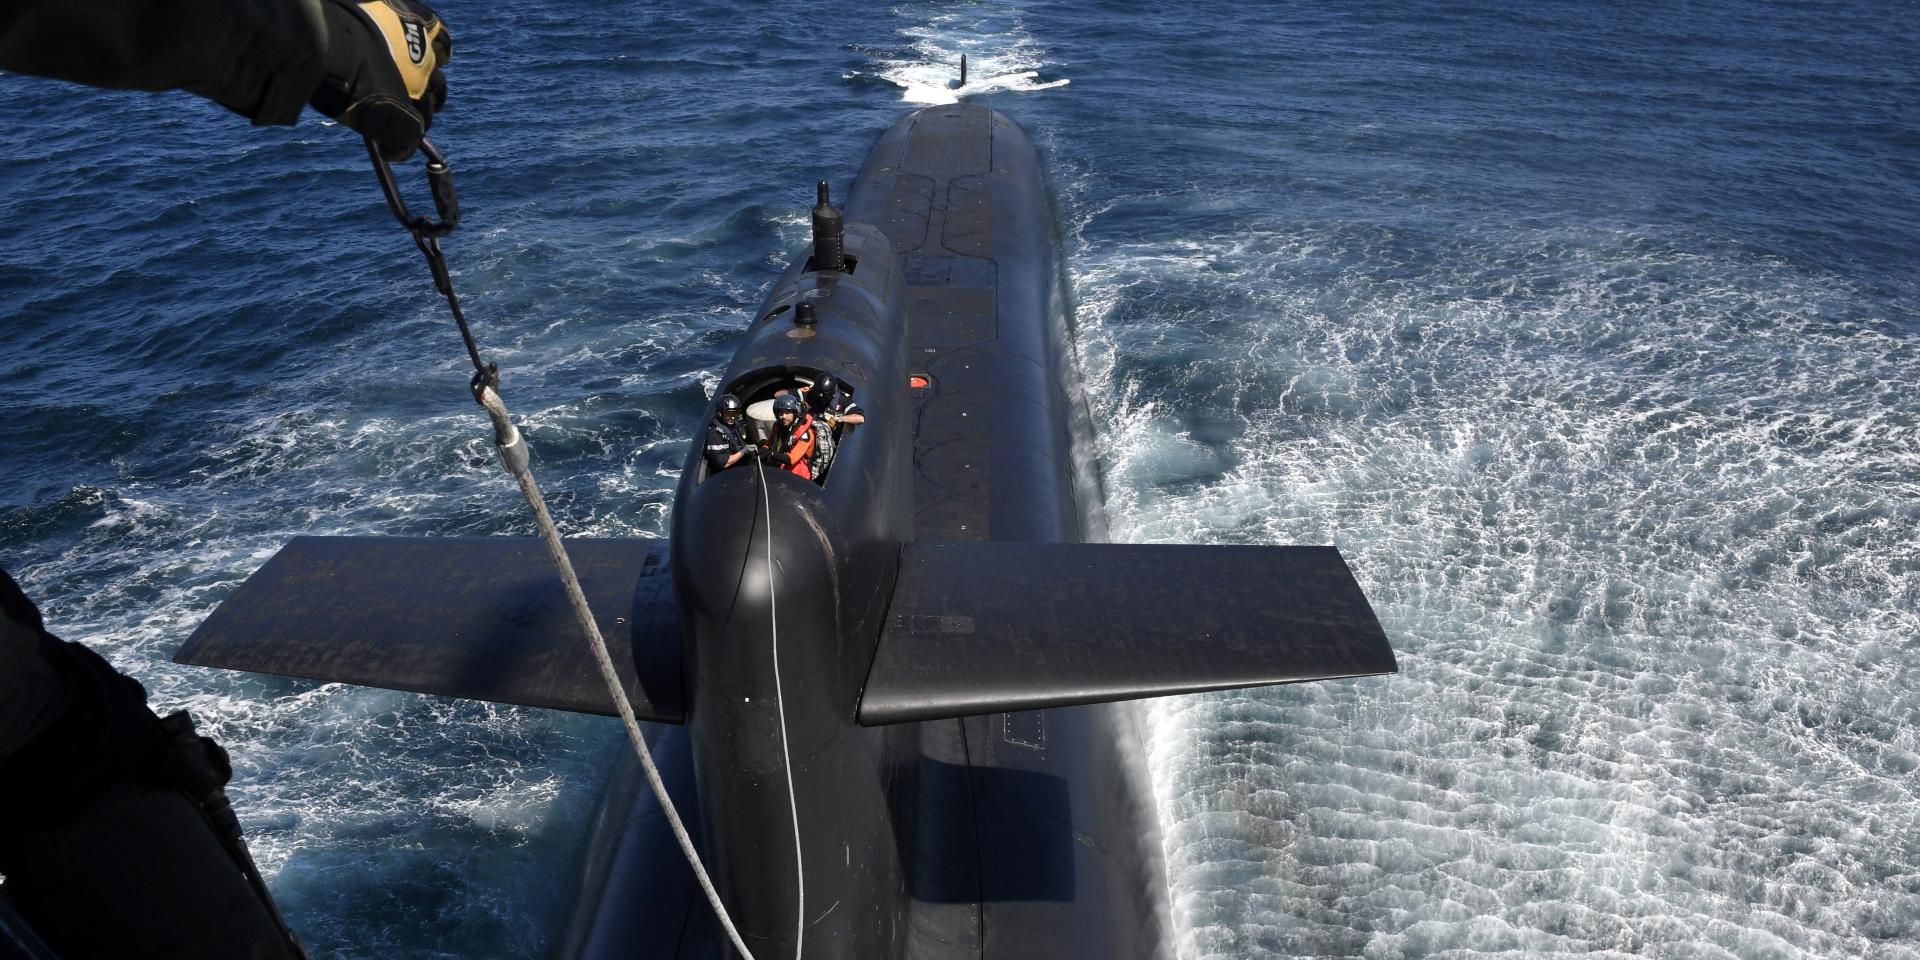 Guerre sous-marine : la France va produire ses propres bouées acoustiques de détection